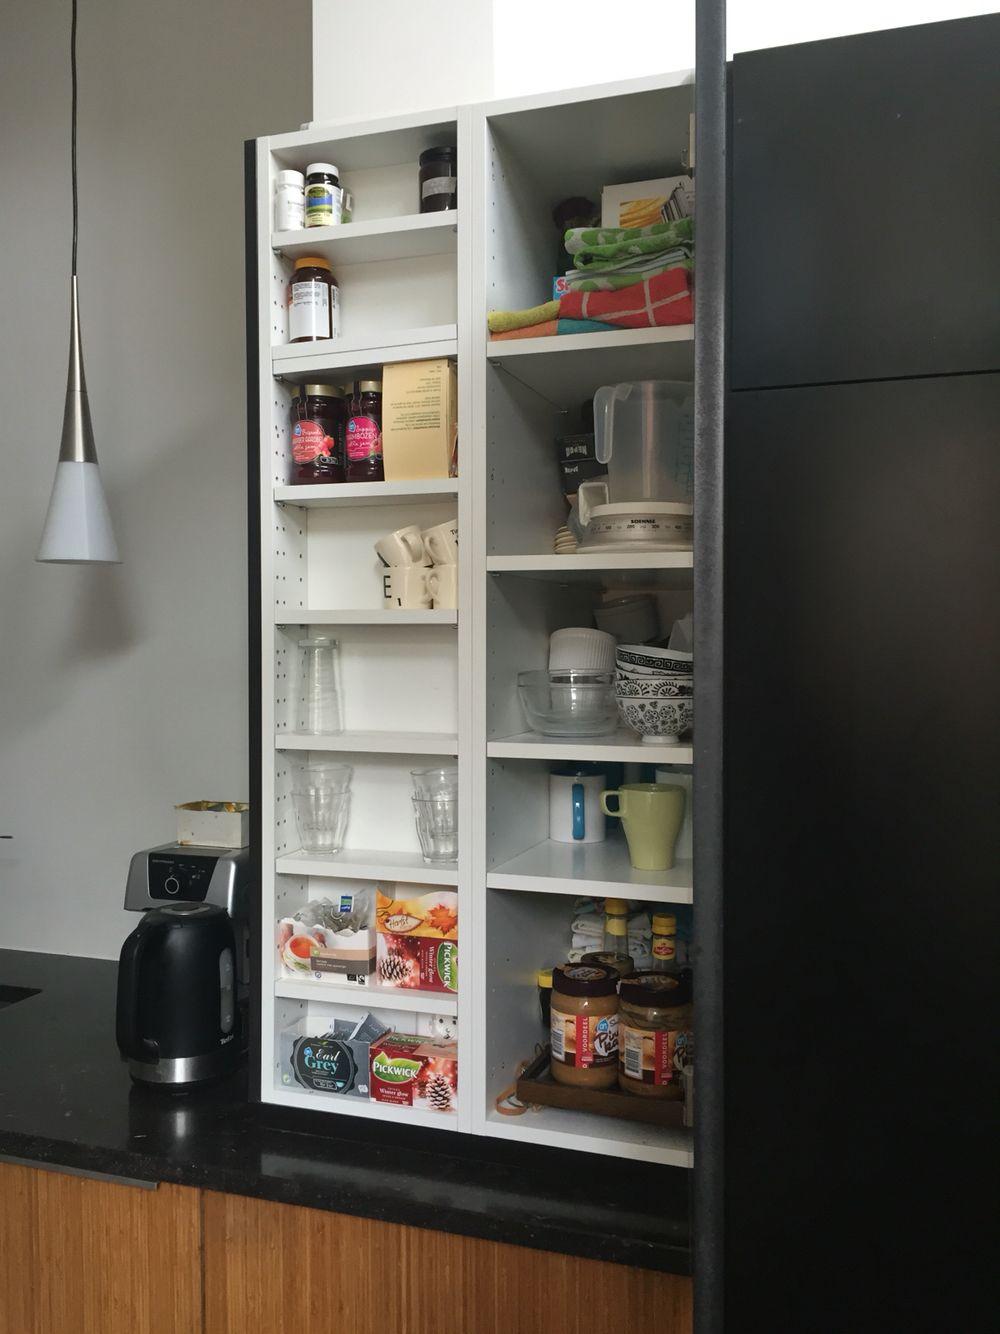 Opbergkast Voor Speelgoed.Opbergkast Met Planken Amazing Ikea Metod Hoge Kast Met Planken Het